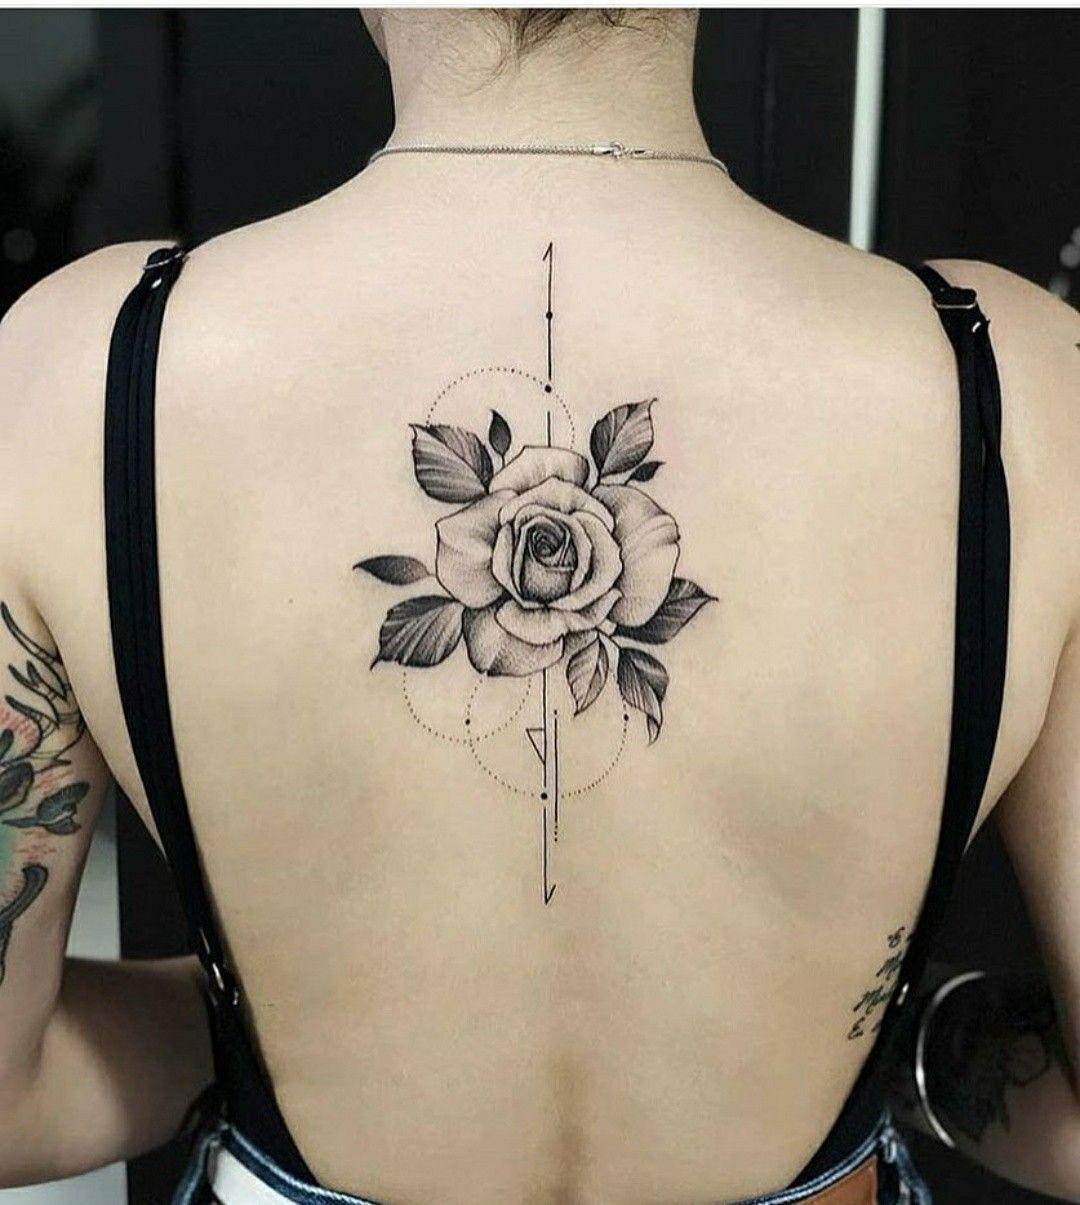 Pin de Mih em tattos Inspiração para tatuagem, Tatuagem